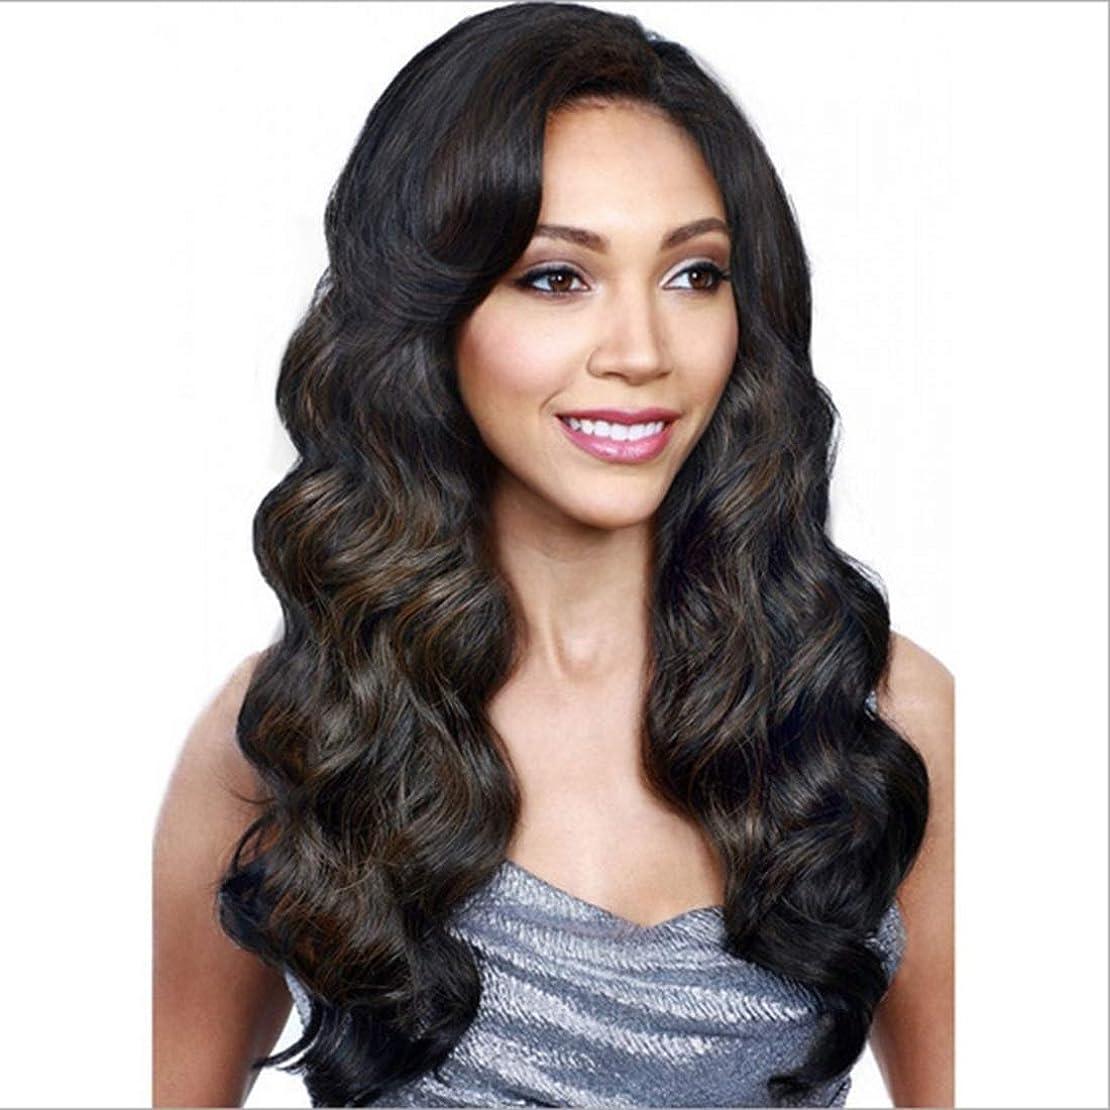 ウミウシウミウシ列車Summerys 女性のための長い巻き毛の層状の耐熱性合成毛髪のかつらを分けてヘアセンターで合成女性のかつら